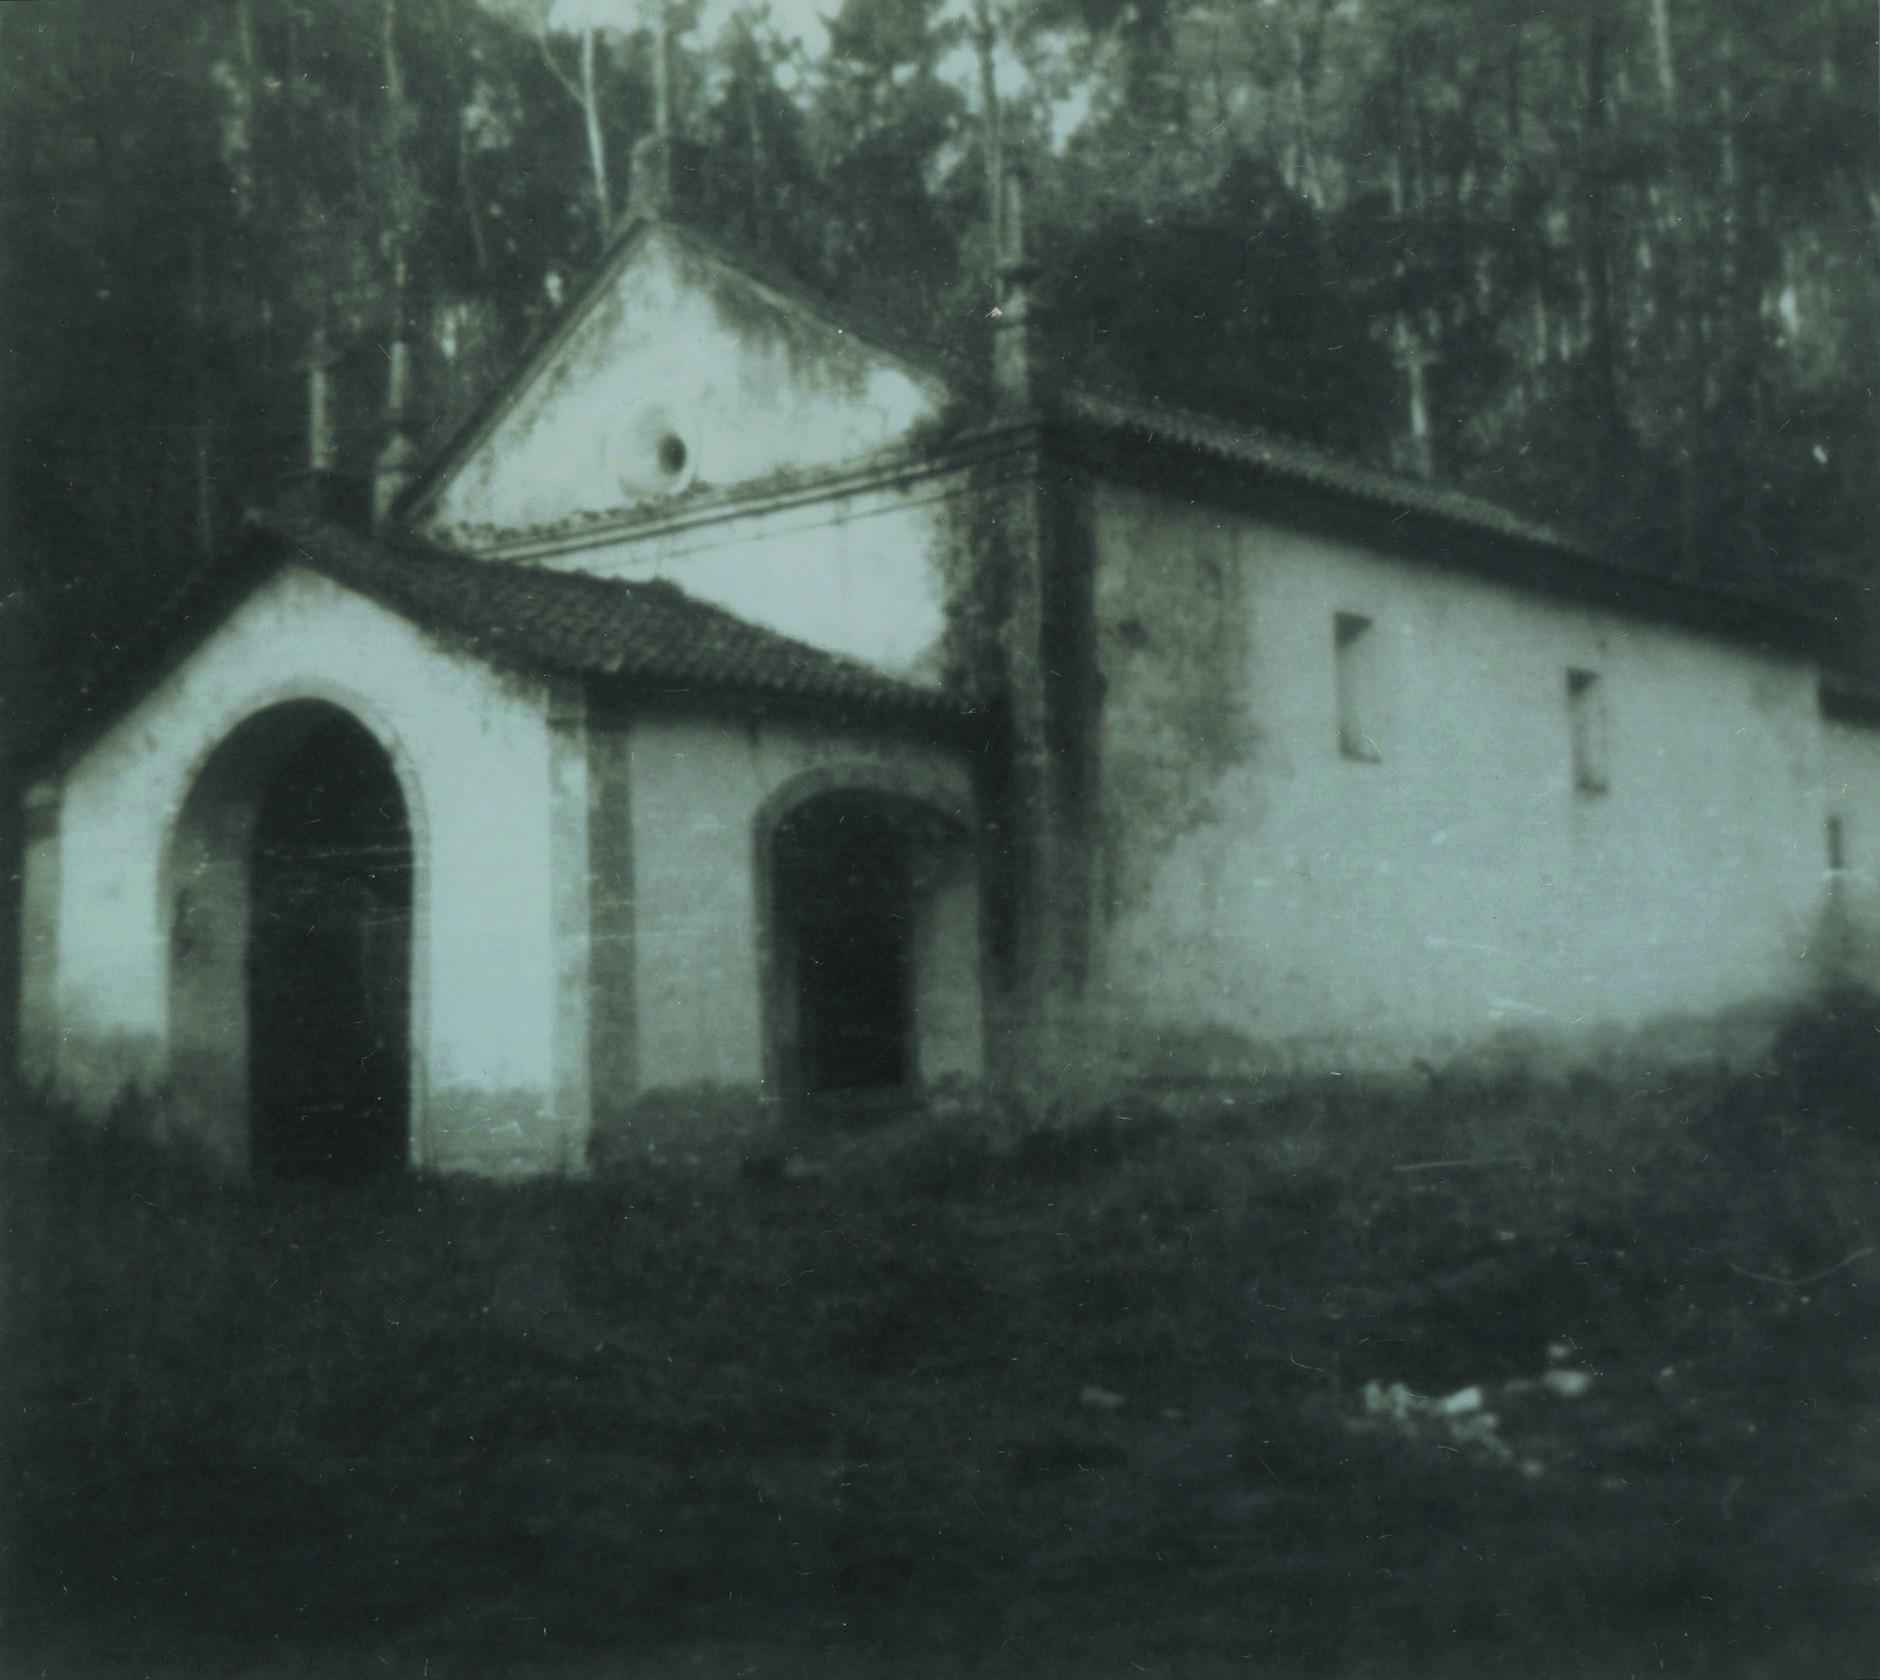 Capela de Nª Srª da Ribeira, Pinheiro da Bemposta (Anos 70)